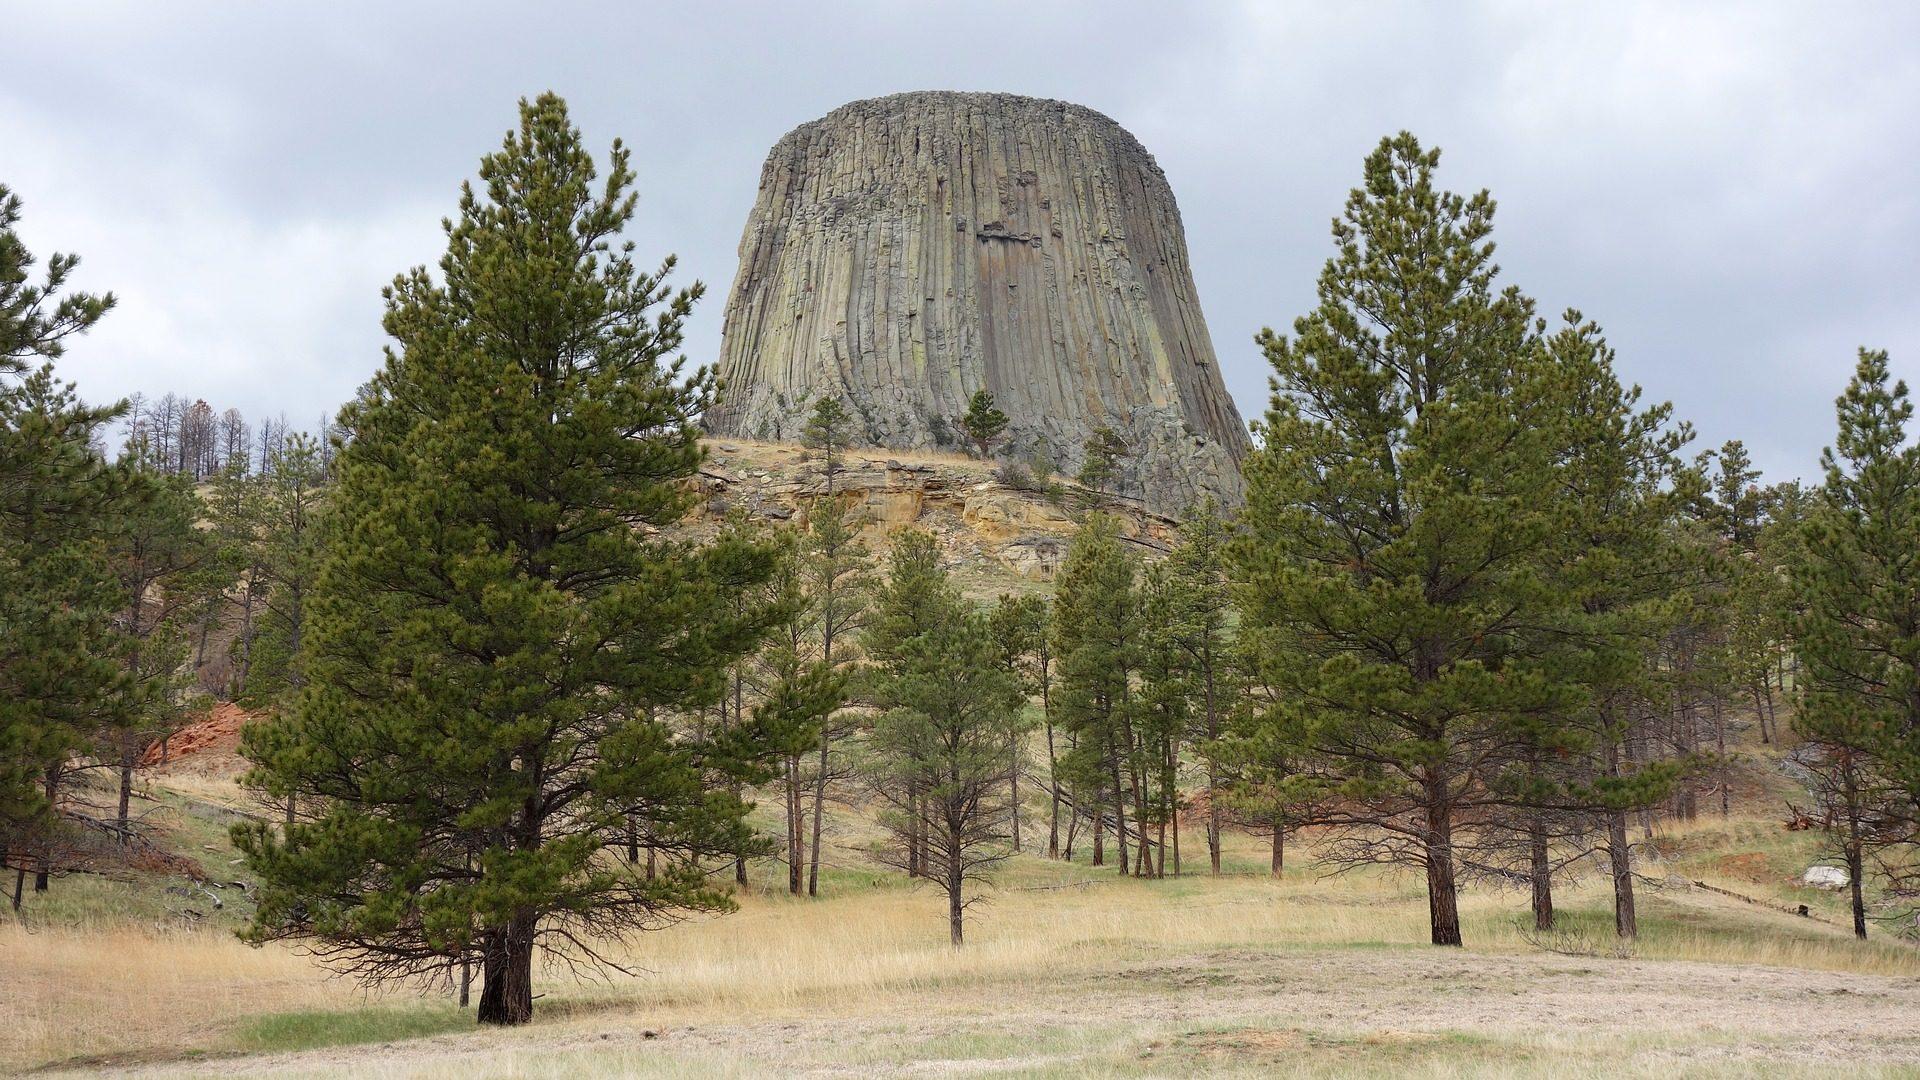 Roca, खंभा, कटाव, शैतानों टॉवर, राष्ट्रीय उद्यान - HD वॉलपेपर - प्रोफेसर-falken.com